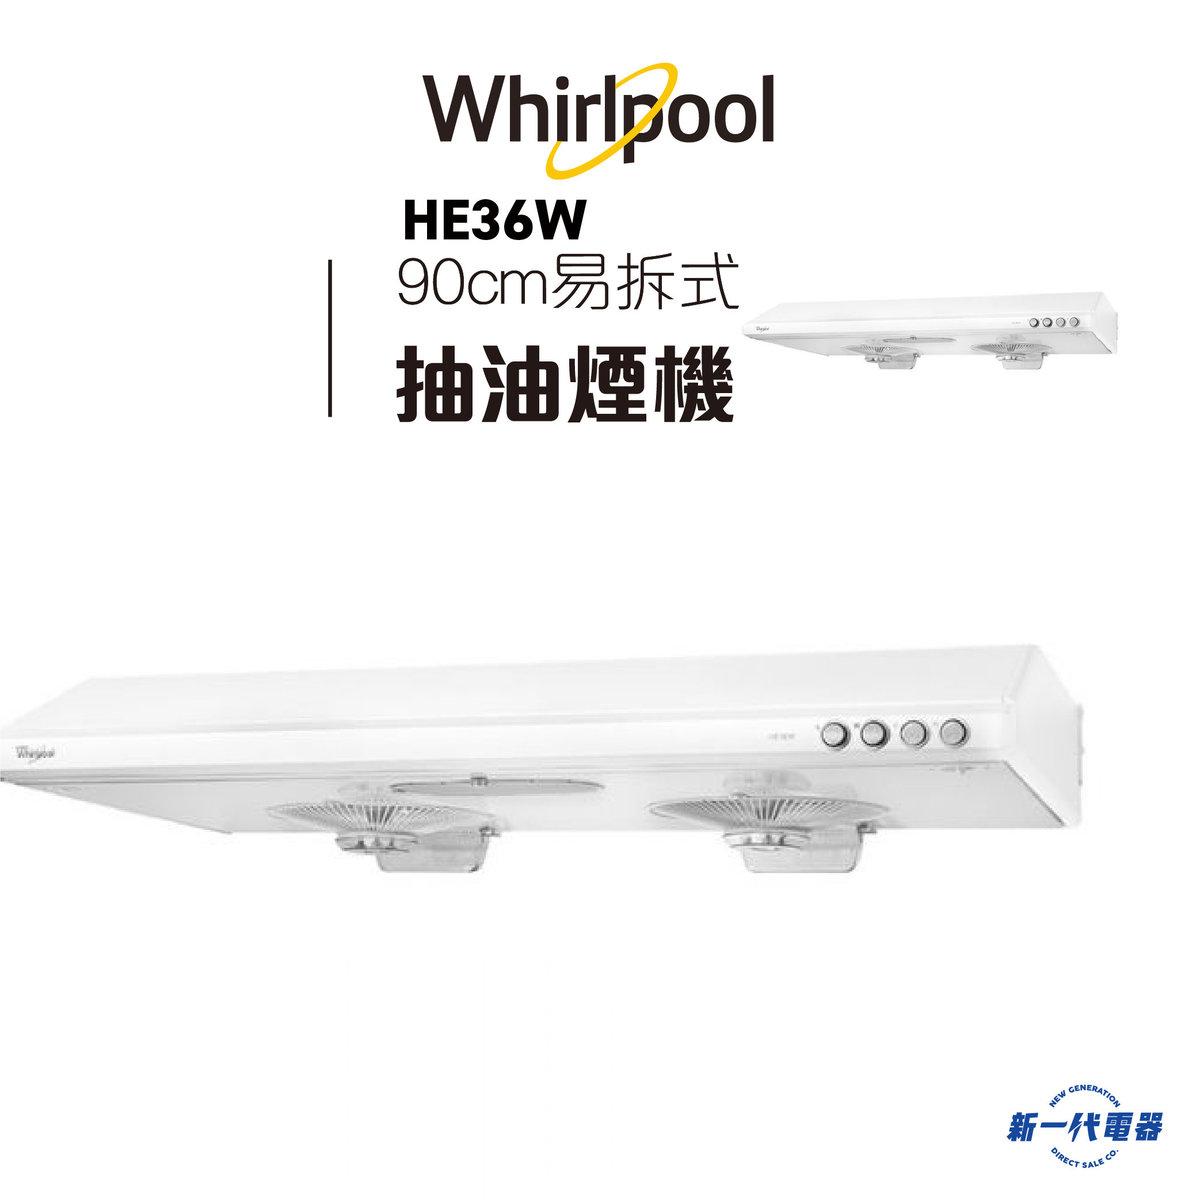 HE36W - 易拆式抽油煙機